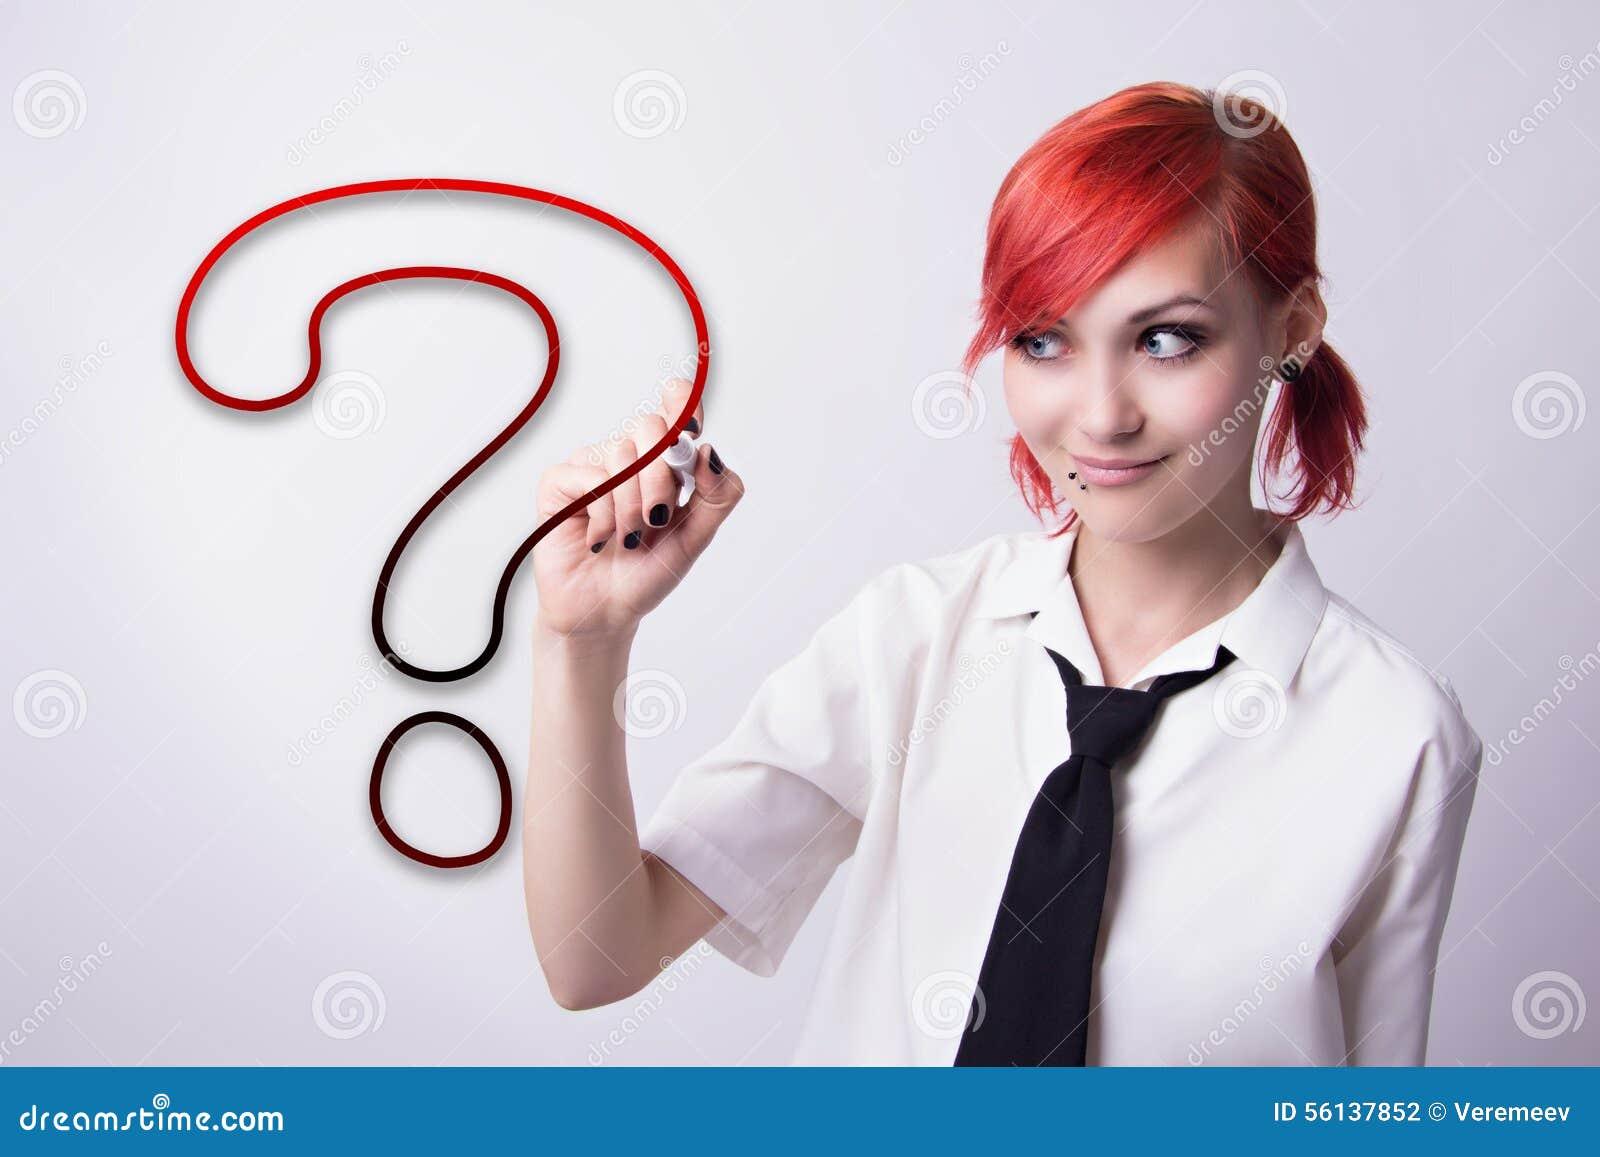 Piękna dziewczyna rysuje znaka zapytania markiera